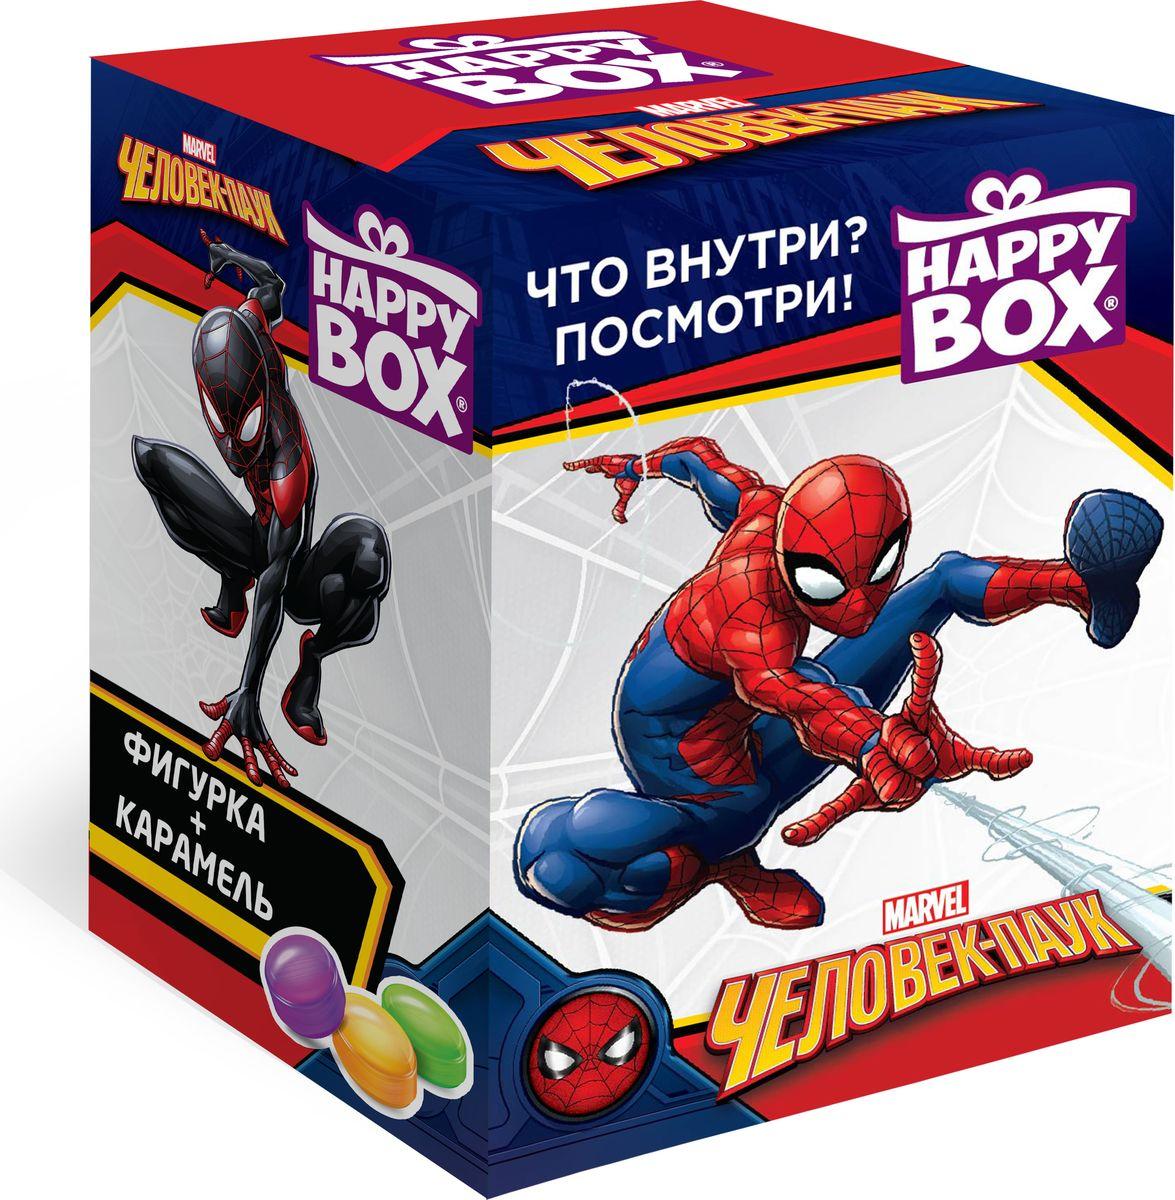 Сладкая Сказка Happy Box Человек-паук карамель с игрушкой, 18 г леденцы с игрушкой happy box три кота 18 г